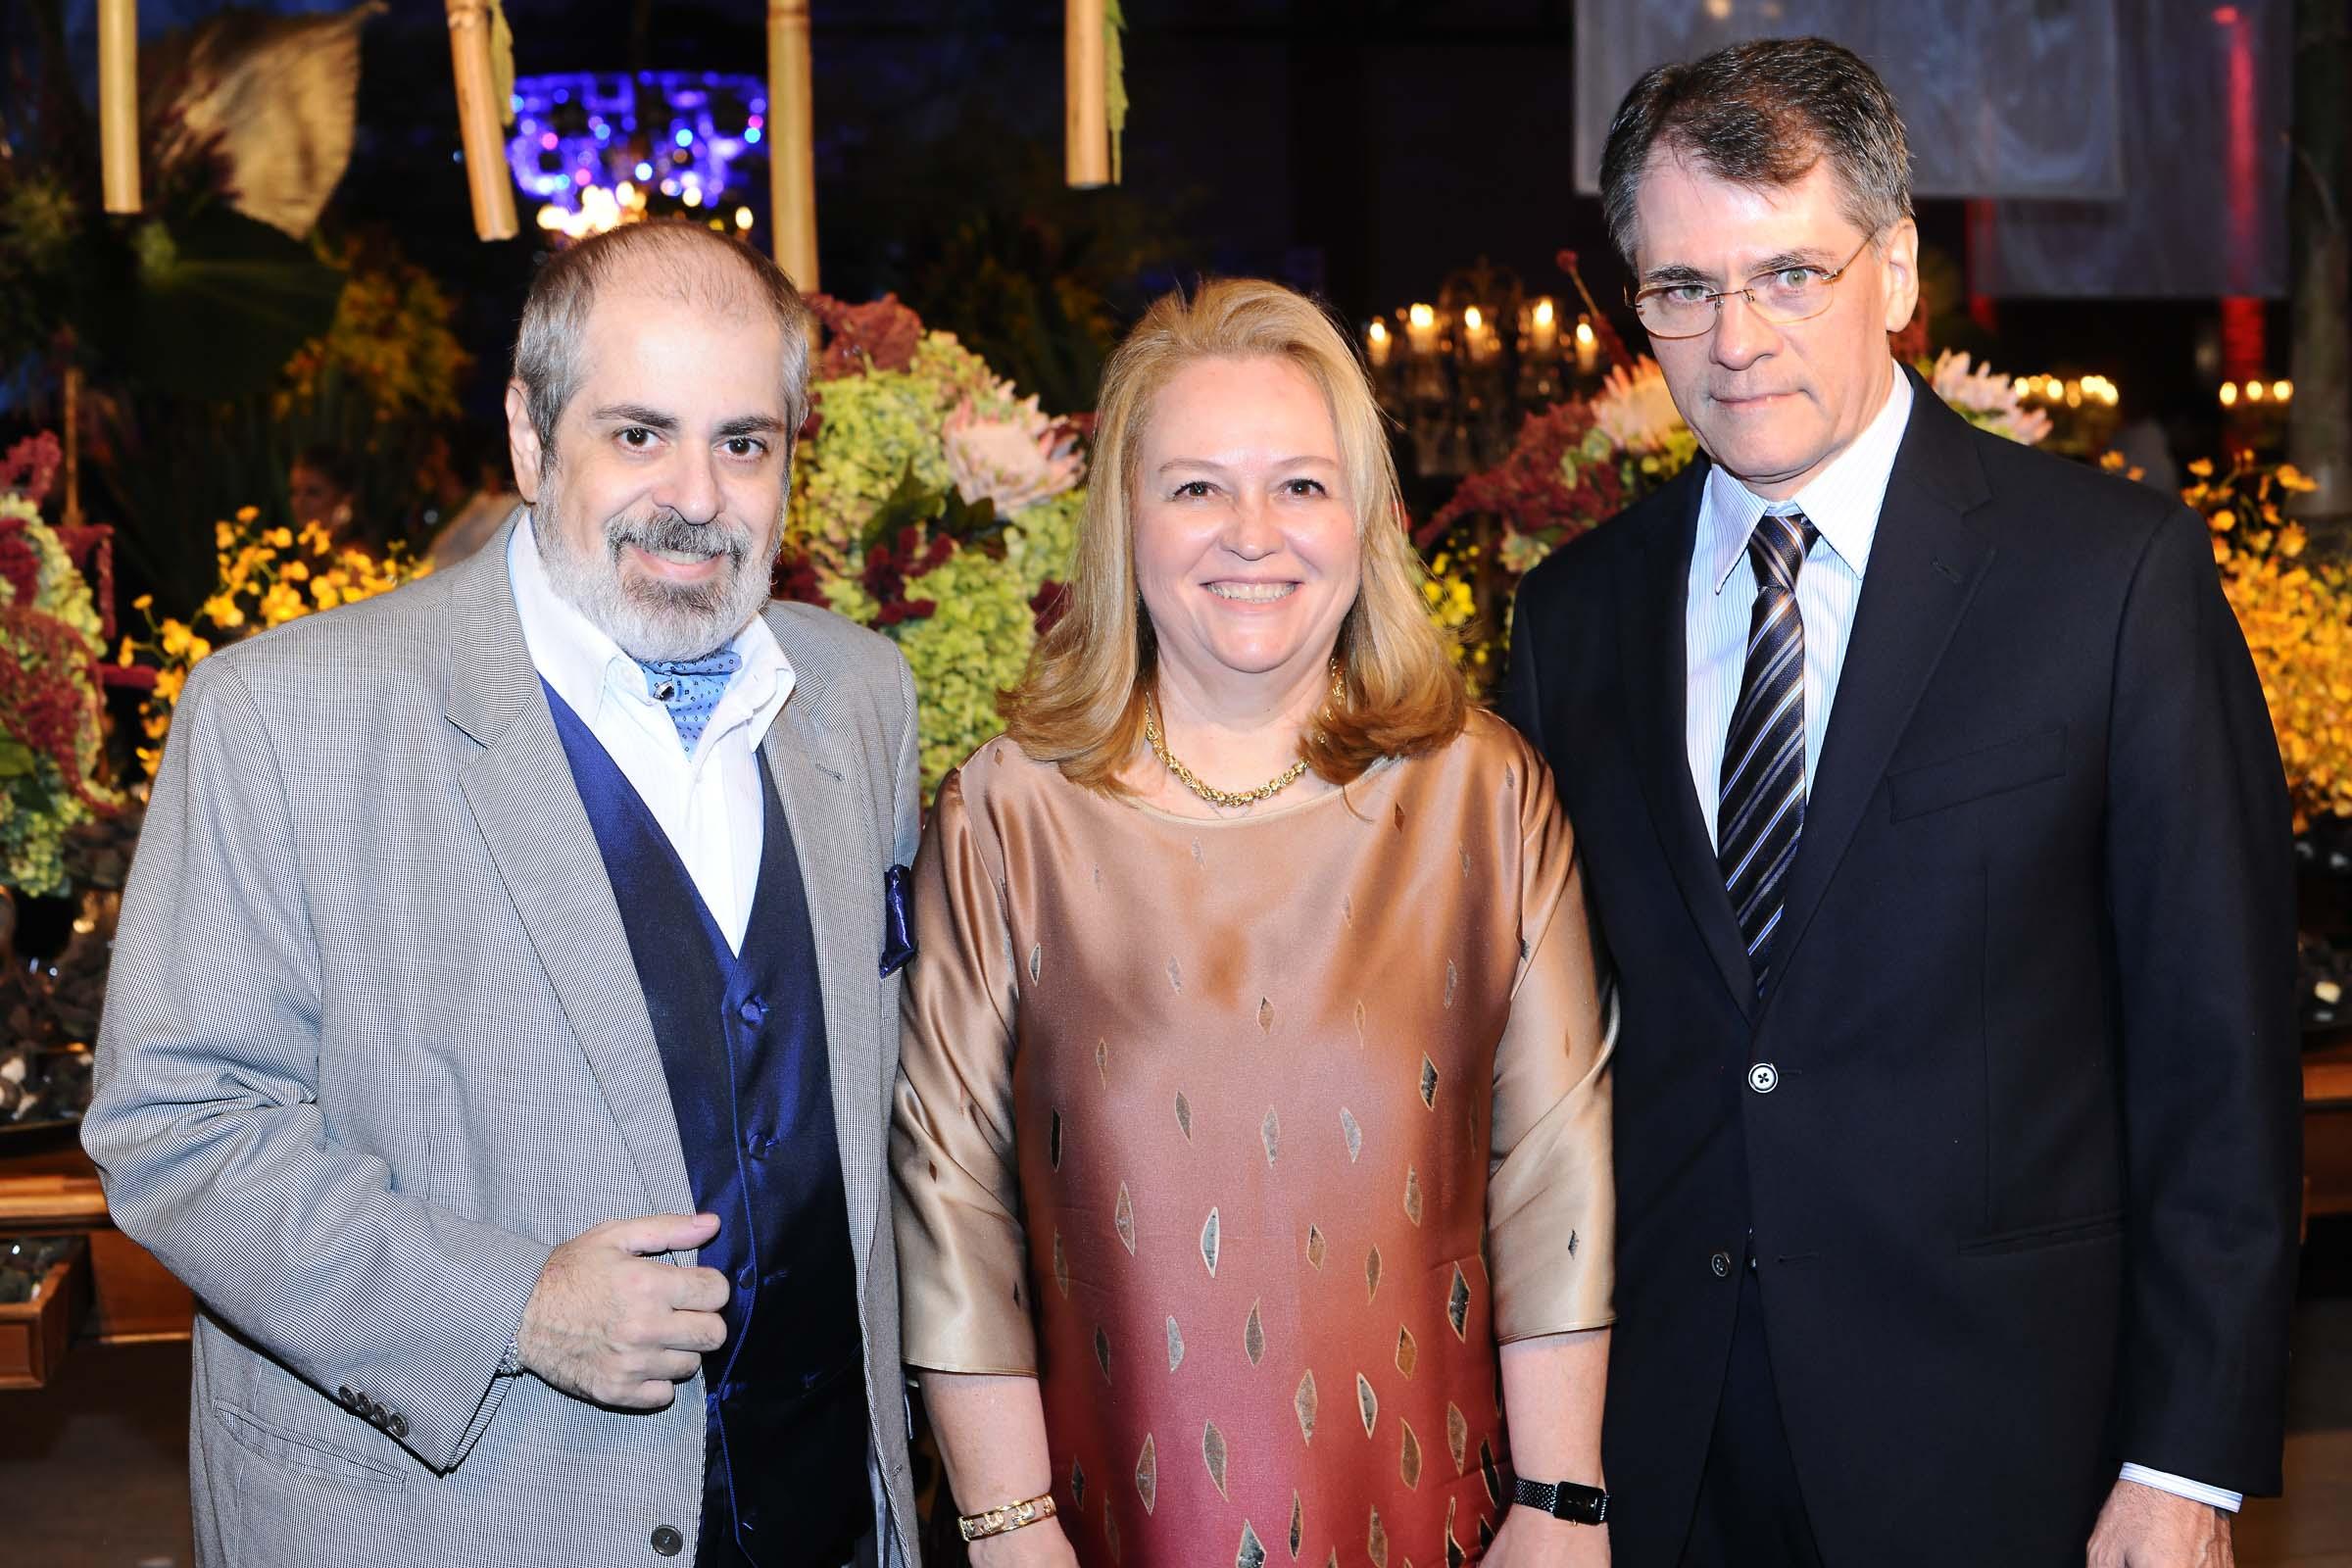 O arquiteto Luis Pedro Scalise ao lado do casal Graice e Luiz Carlos Spengler